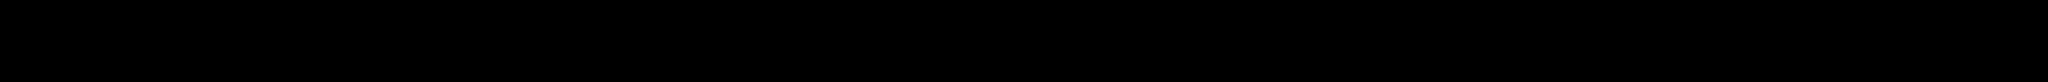 ASHIKA MA-00685, 1003644, 1017185, 1018700, 1022147 Амортисьор